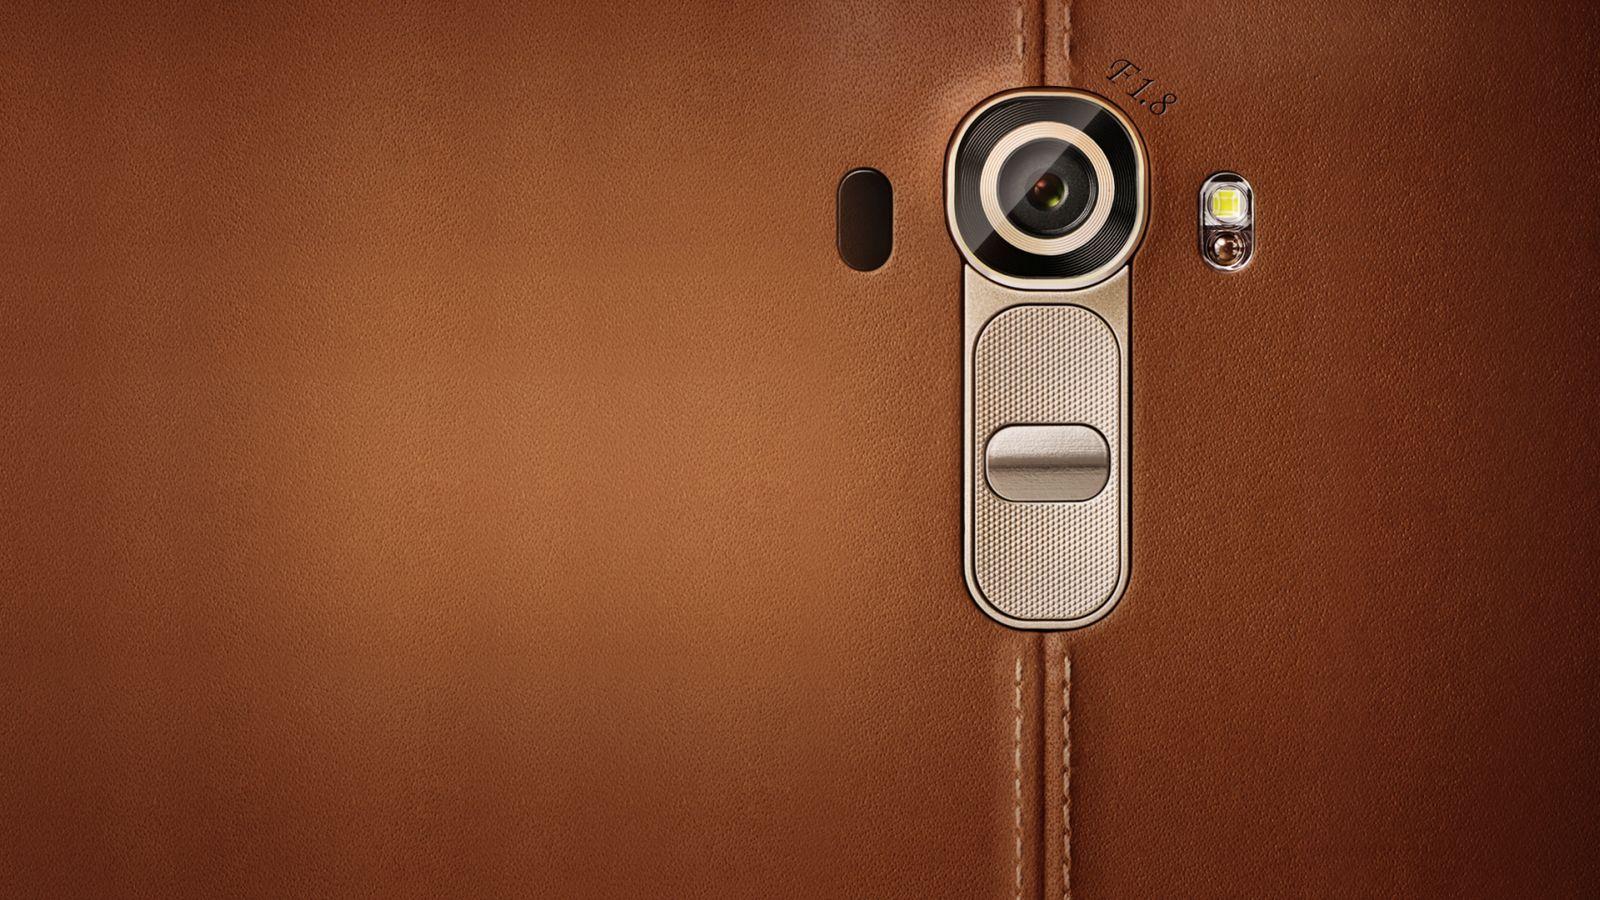 LG G4 official teaser